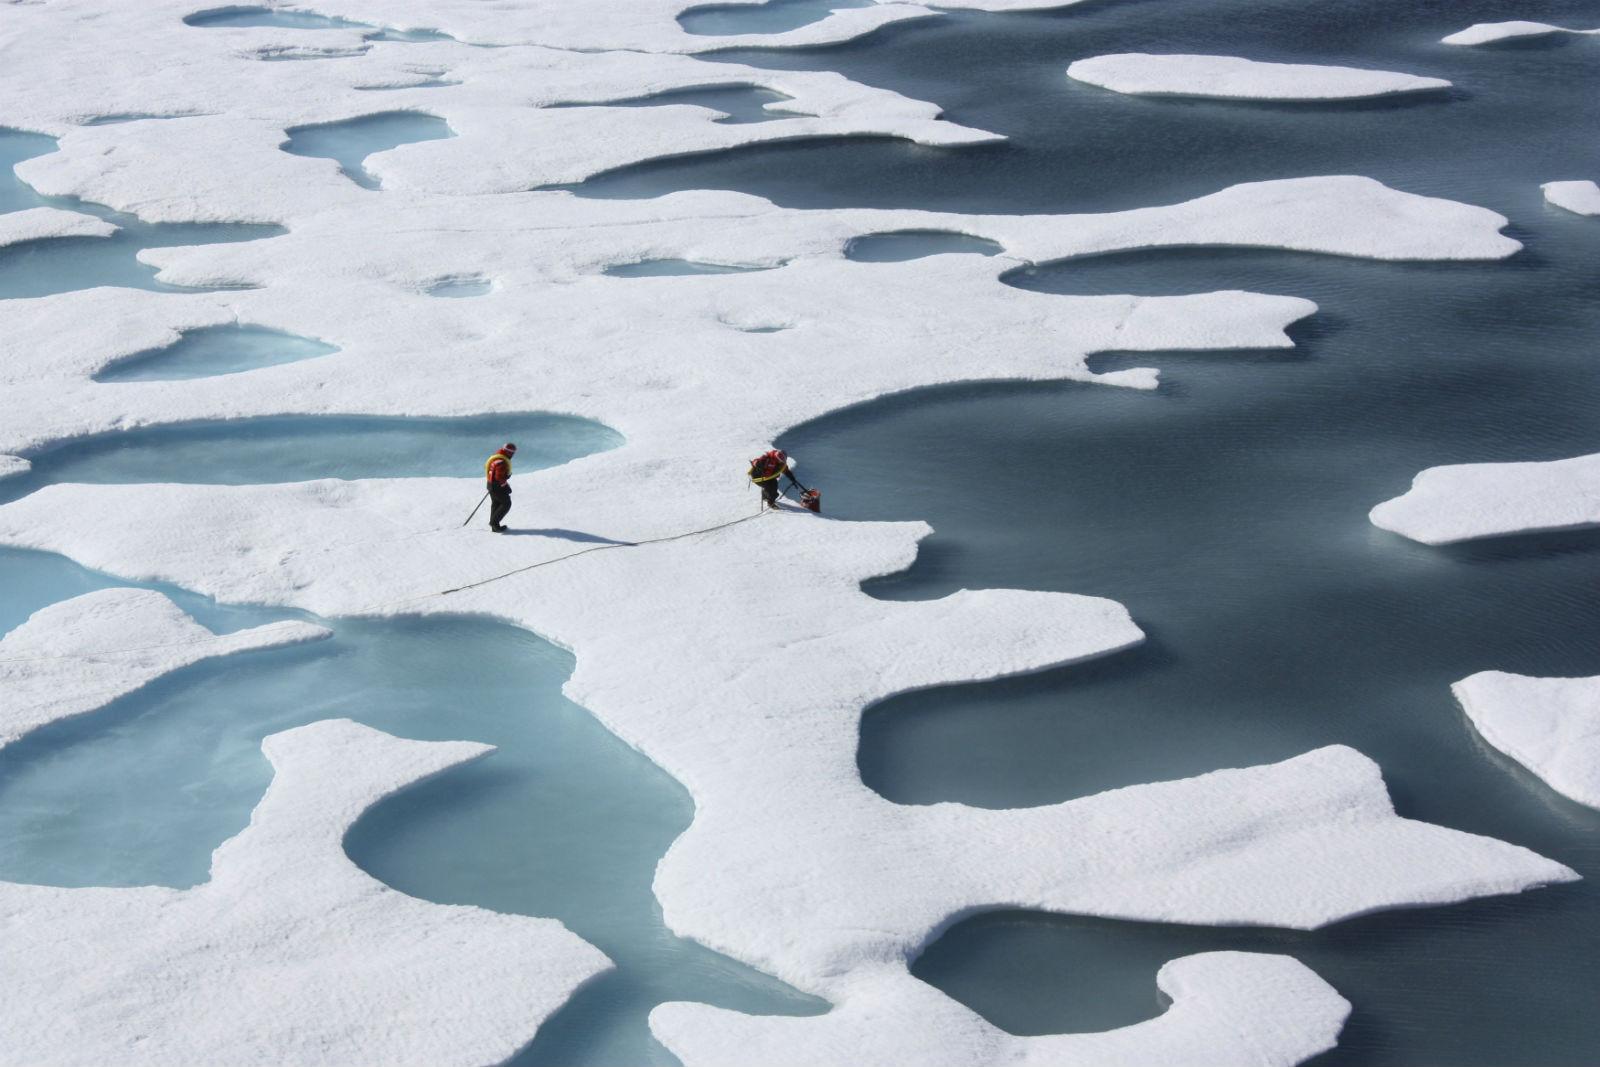 融冰除了是暖化的果,愈來愈多證據顯示,融冰是造成極端天氣的因。 圖片來源:路透社